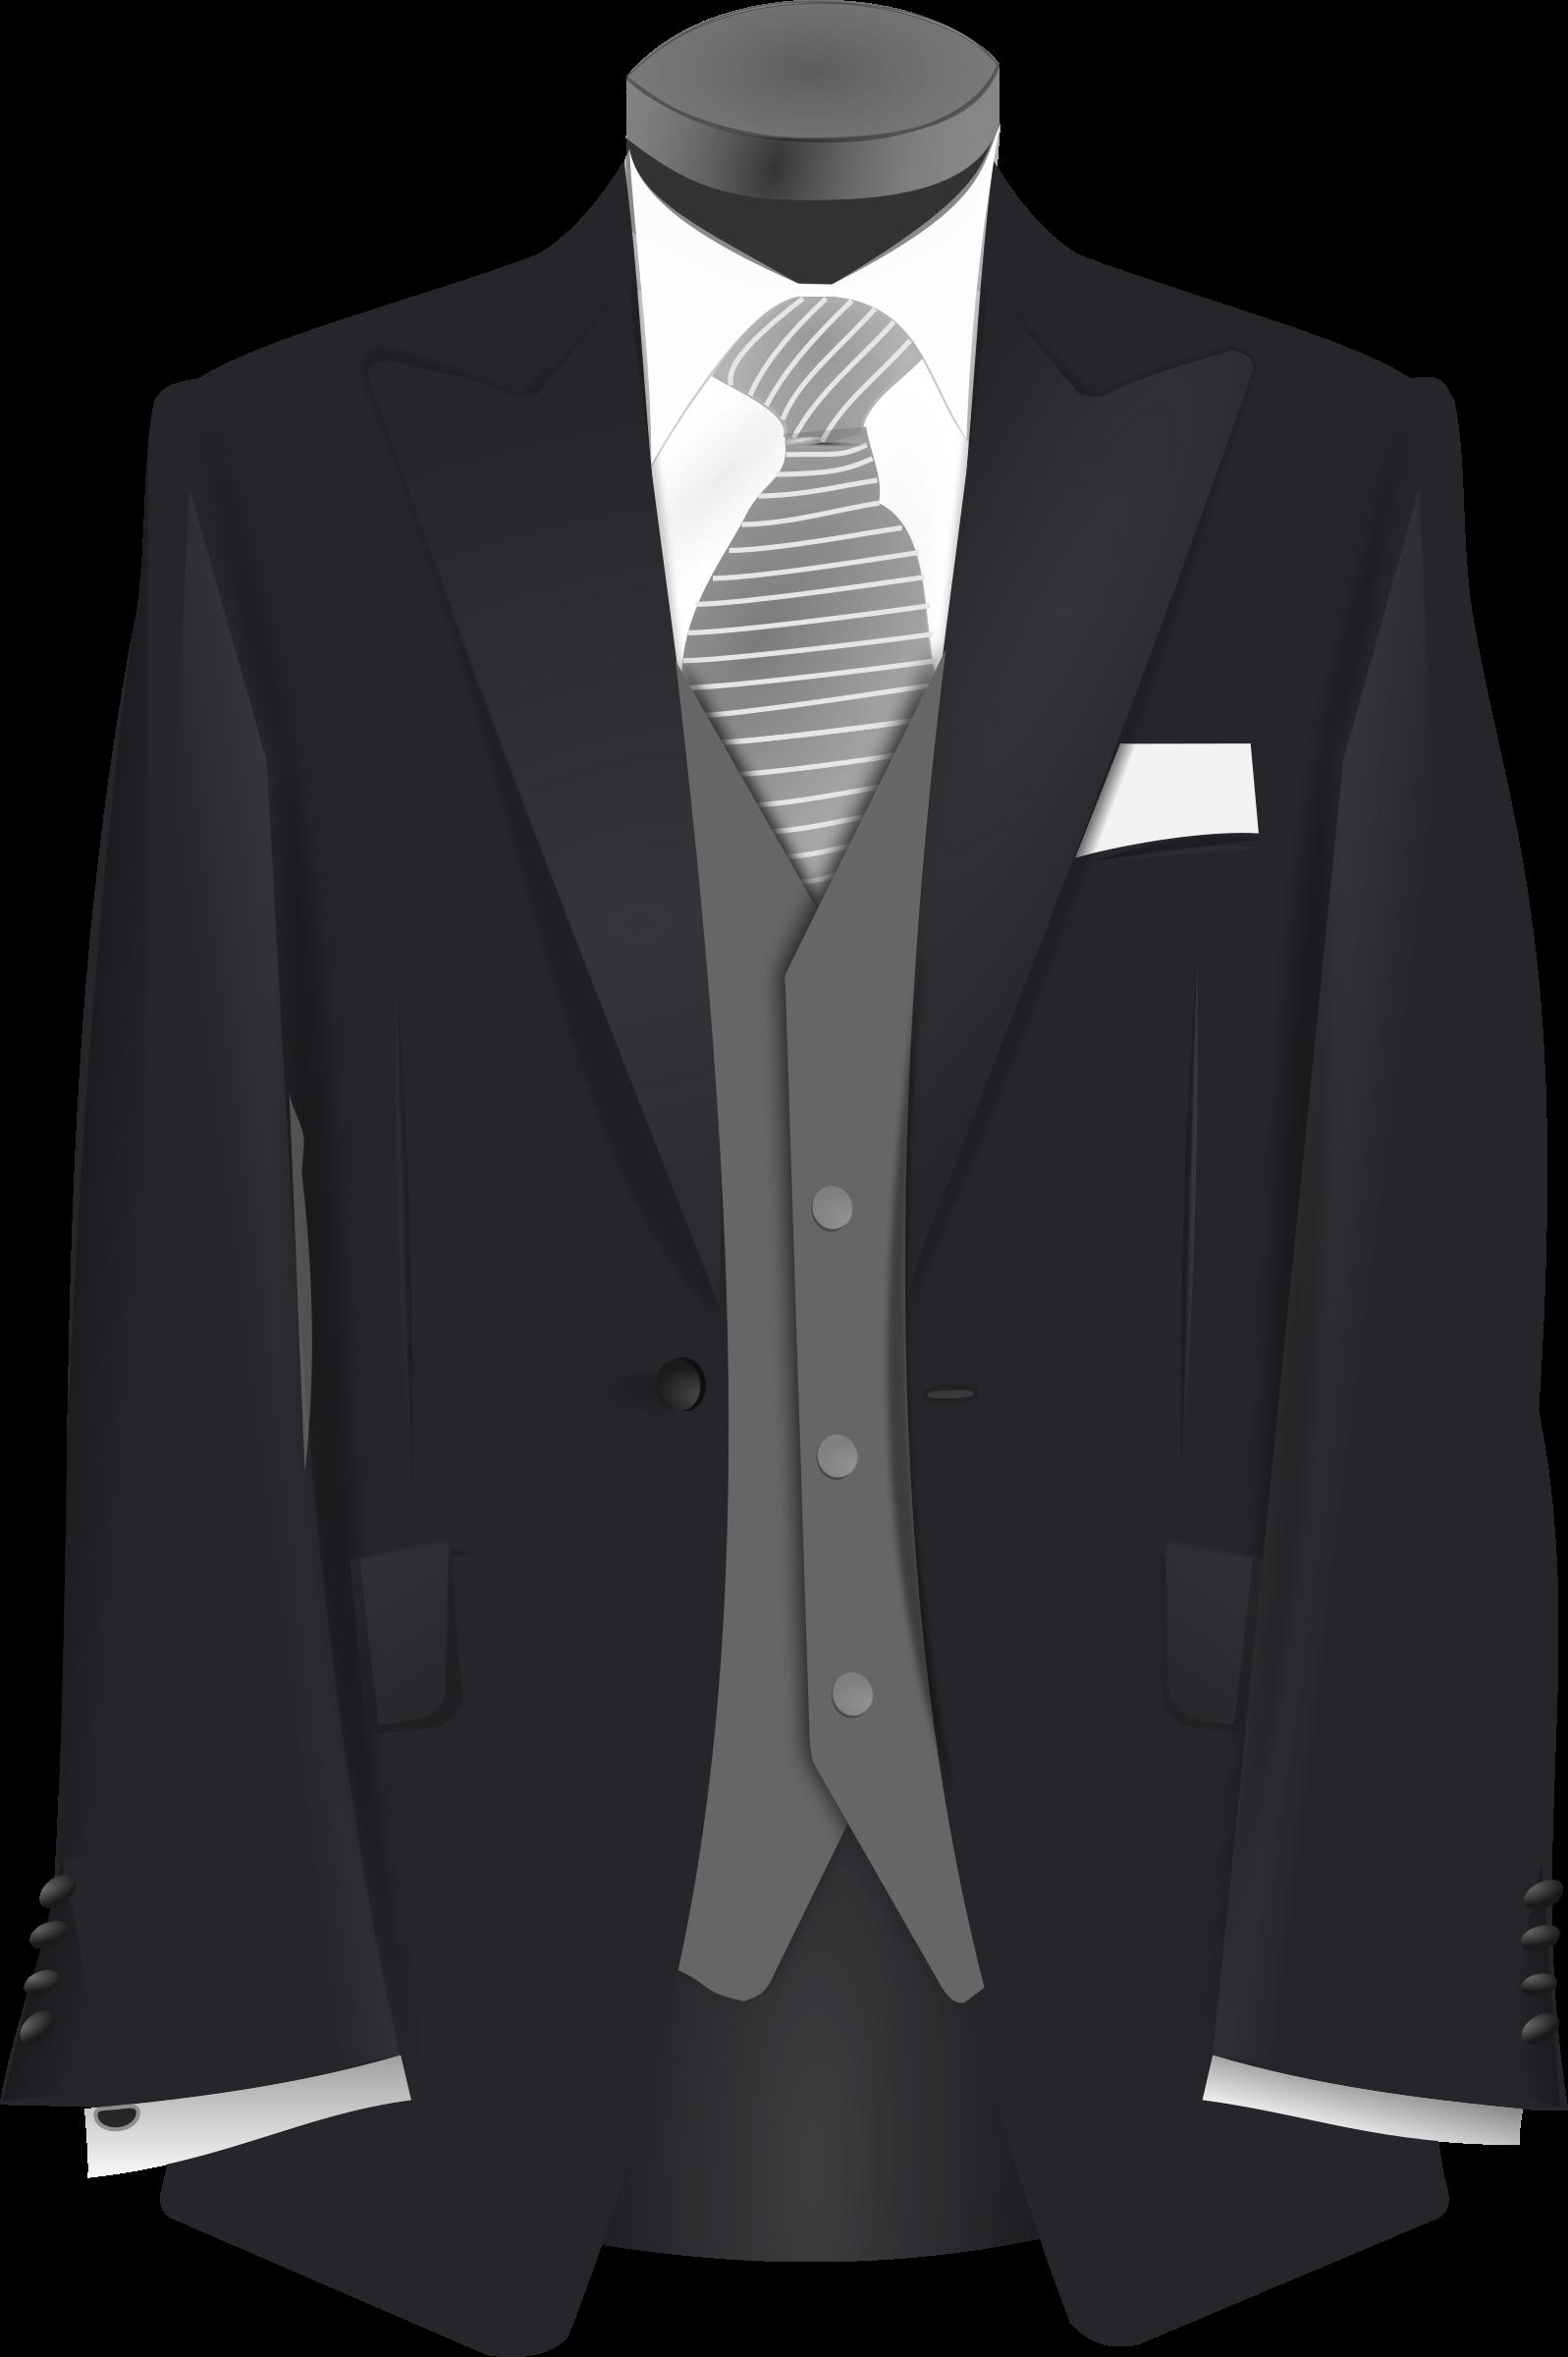 Groom mens suit pencil. Clipart pants business